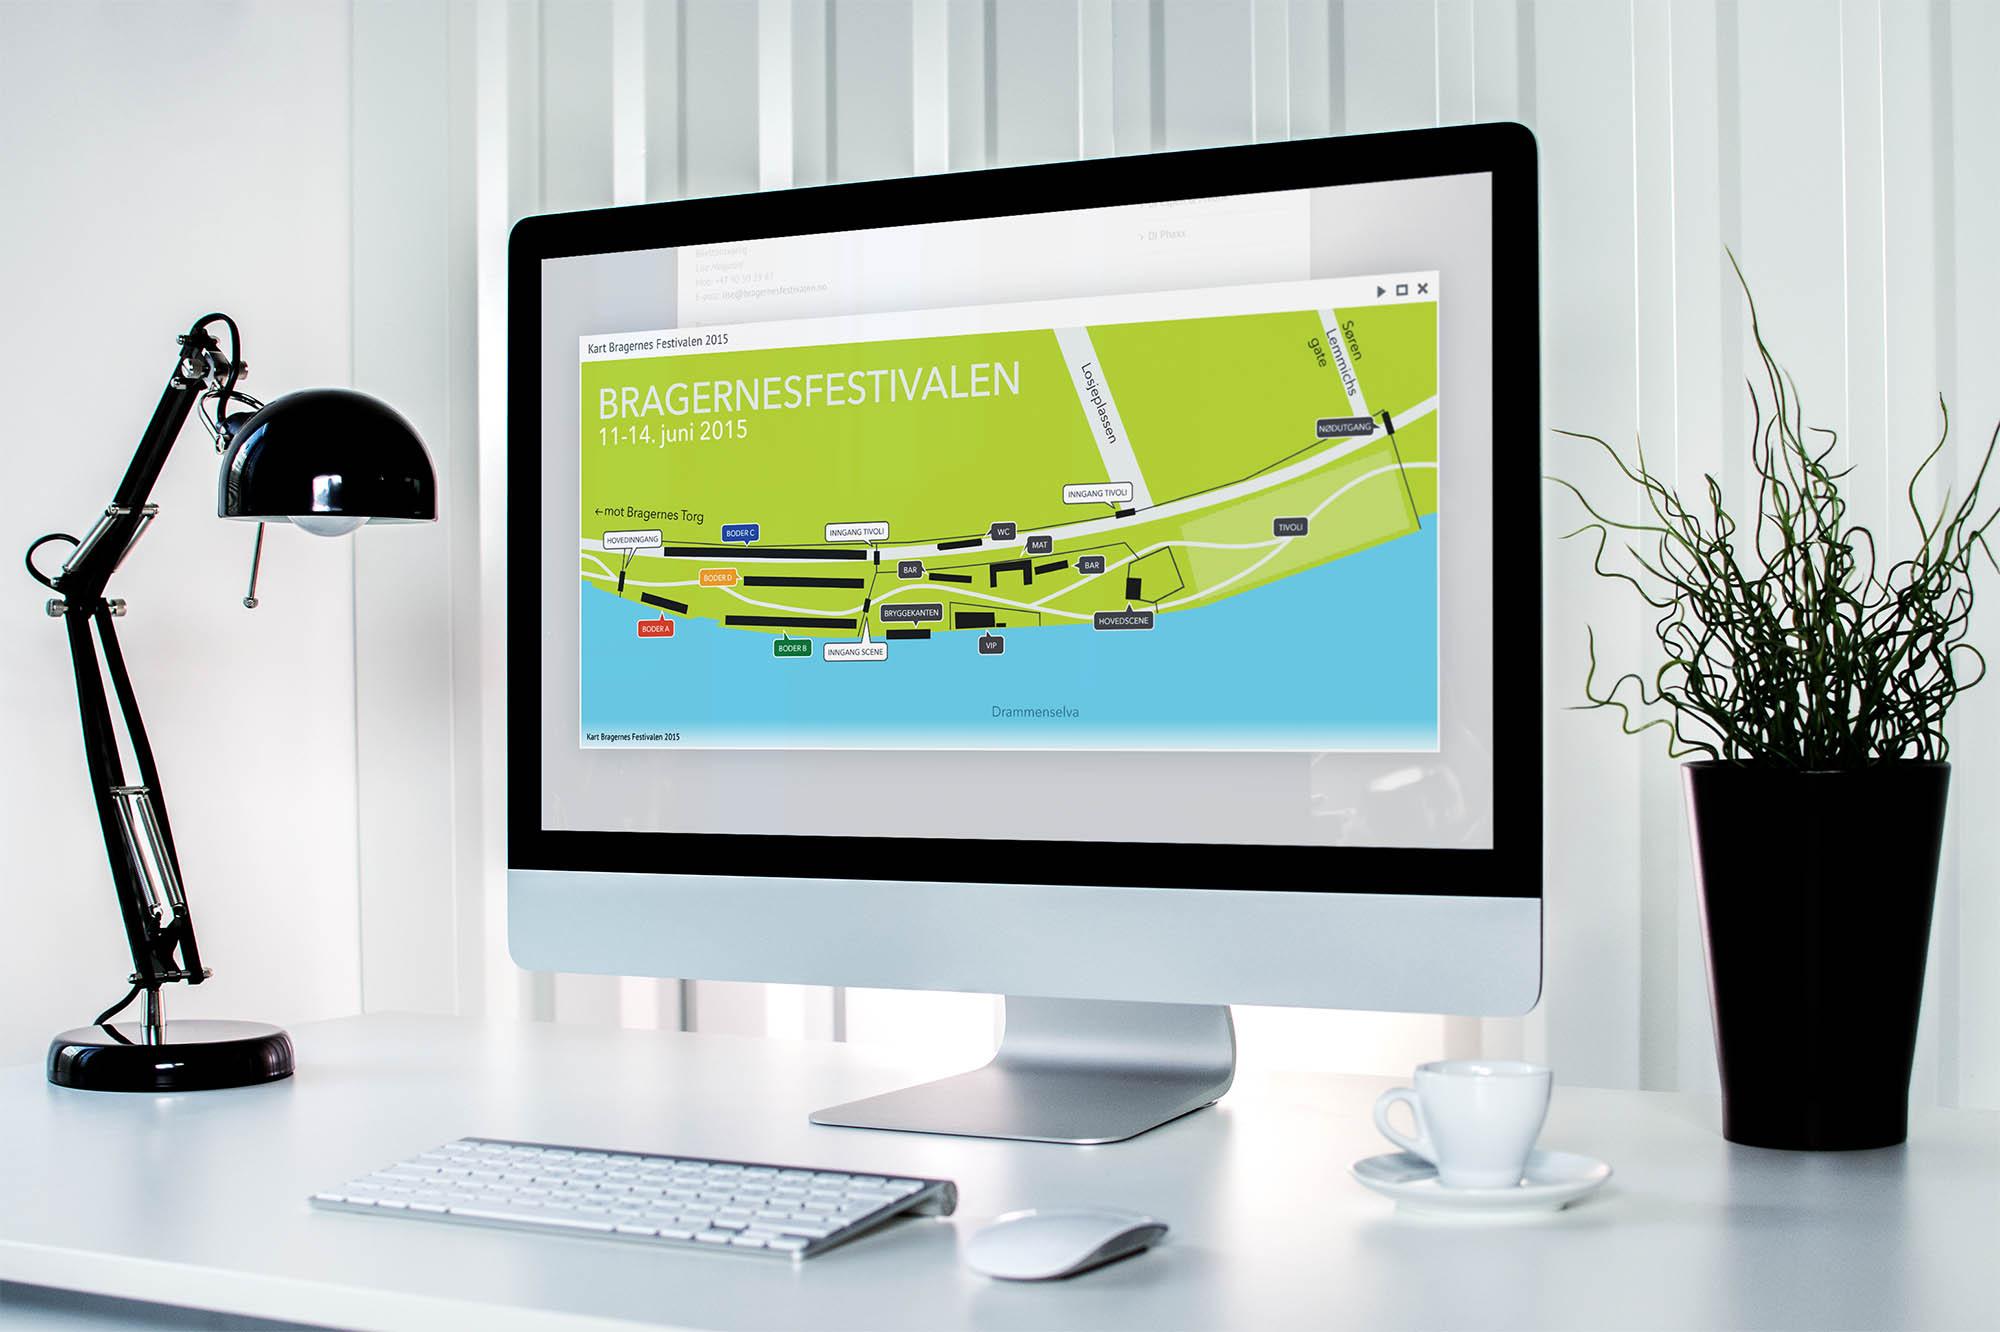 Bragernesfestivalen sin nettside designet av VIAVISIO